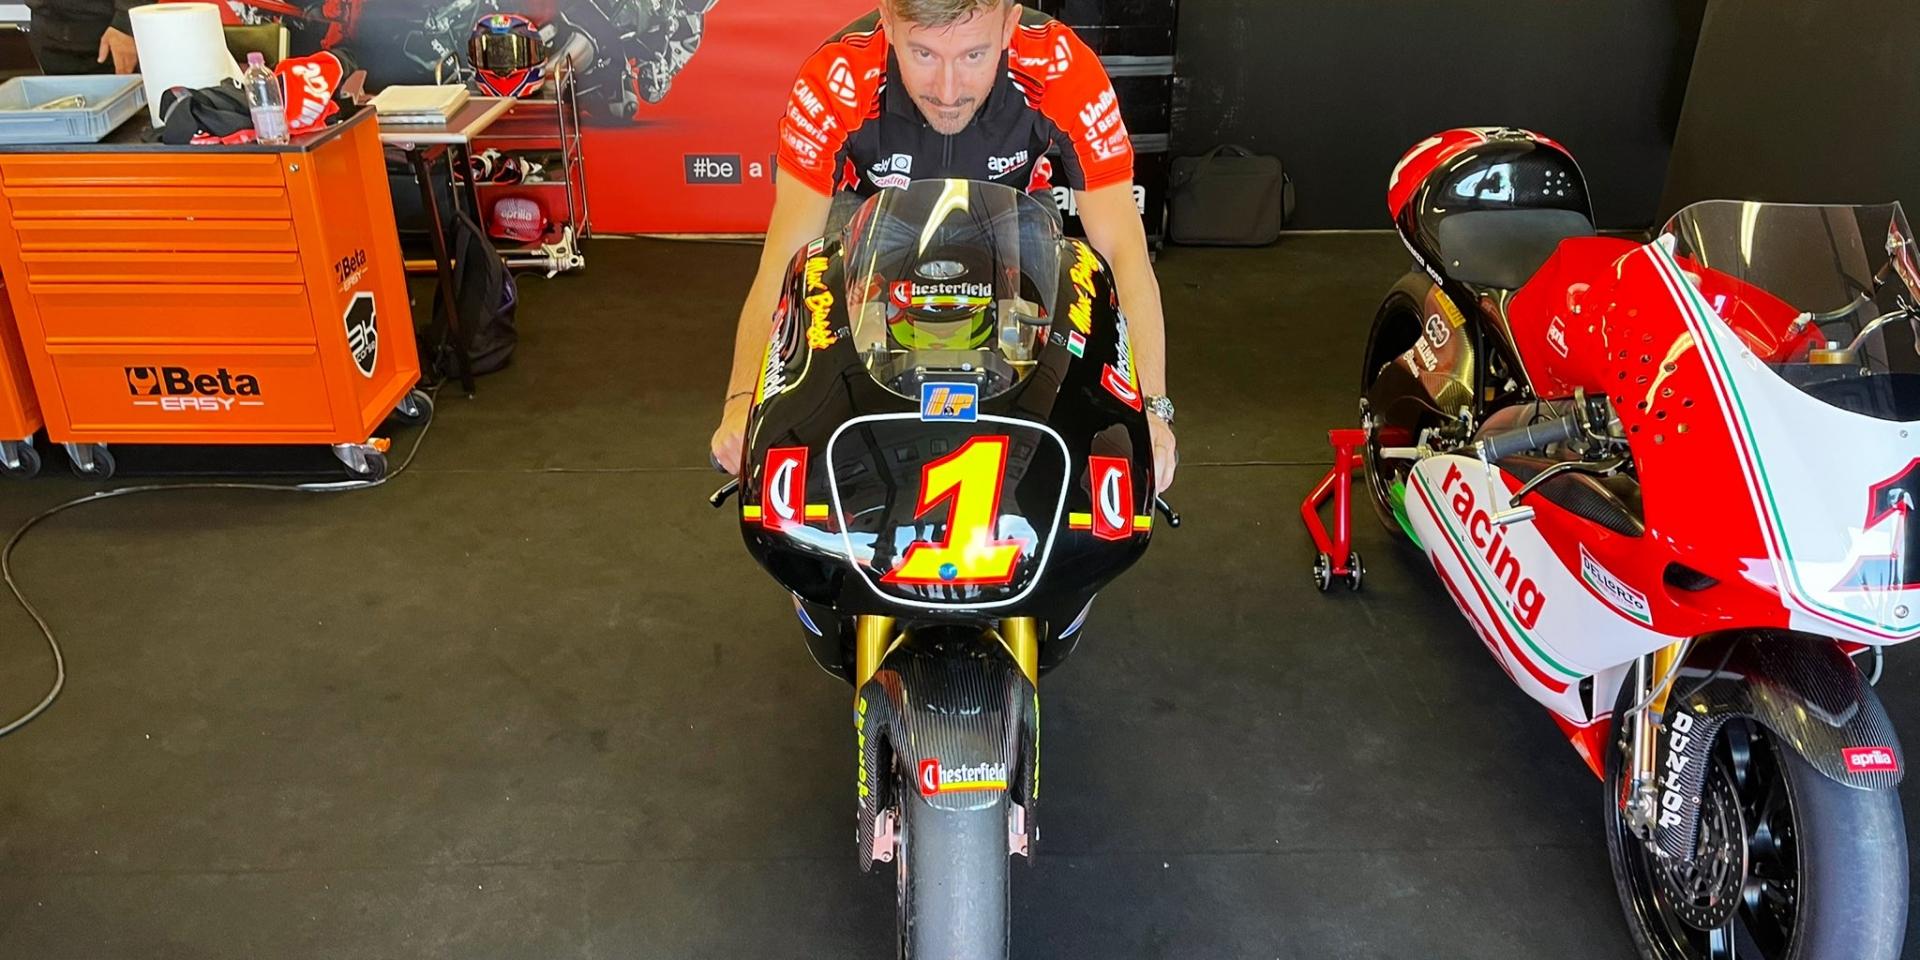 羅馬皇帝評舊宿敵!Max Biaggi:其實很難理解為什麼Valentino Rossi會遇到麻煩!